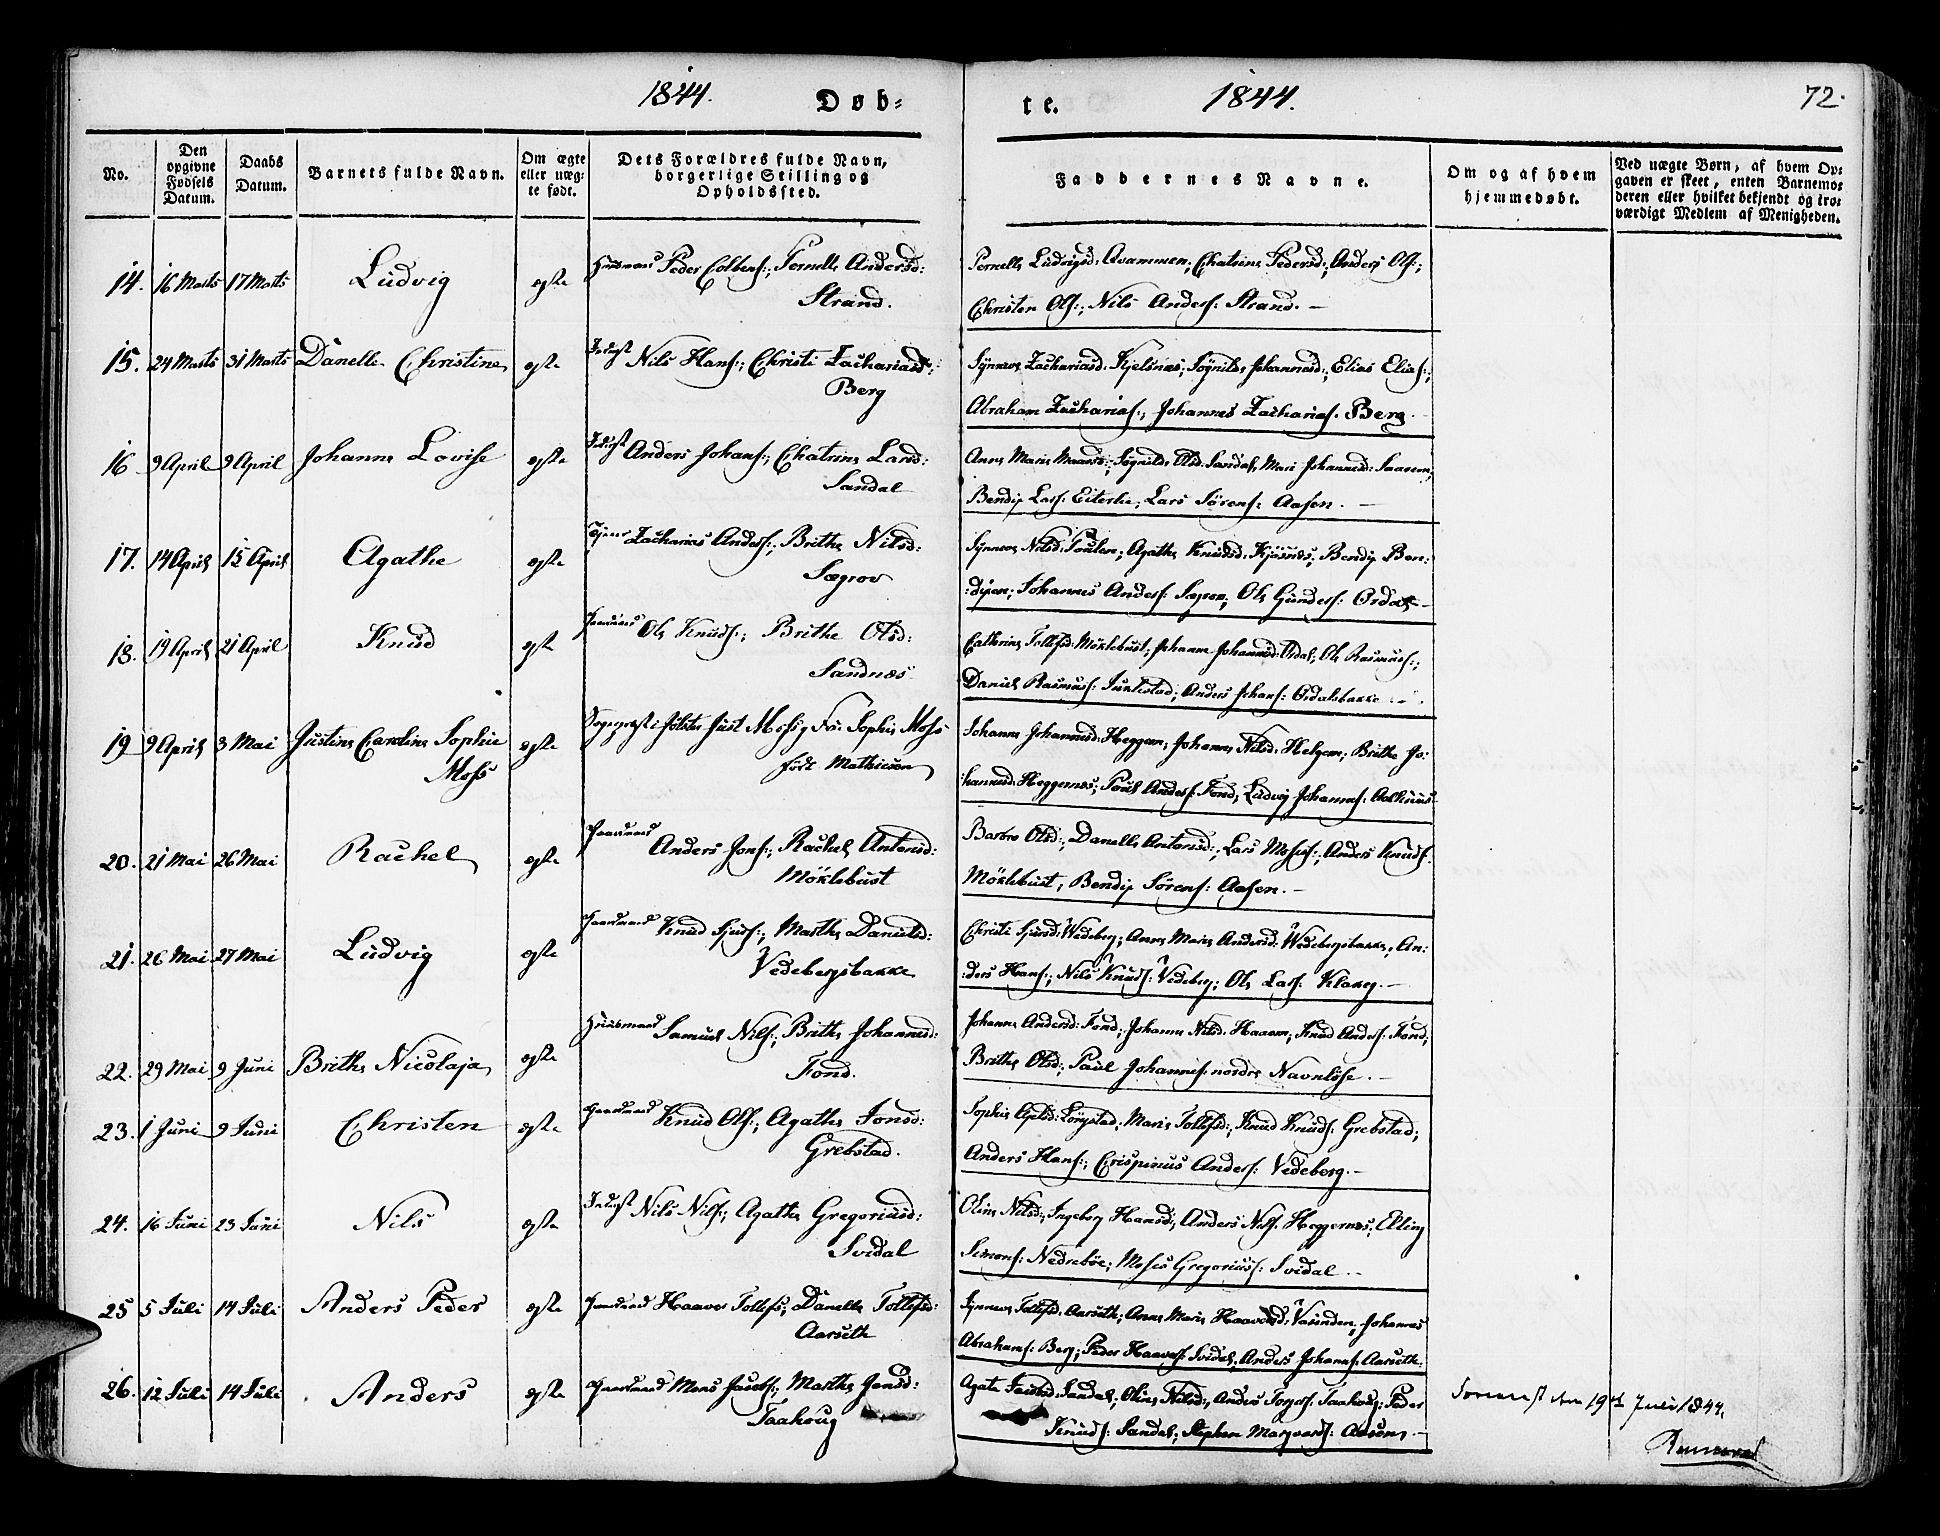 SAB, Jølster Sokneprestembete, H/Haa/Haaa/L0009: Ministerialbok nr. A 9, 1833-1848, s. 72